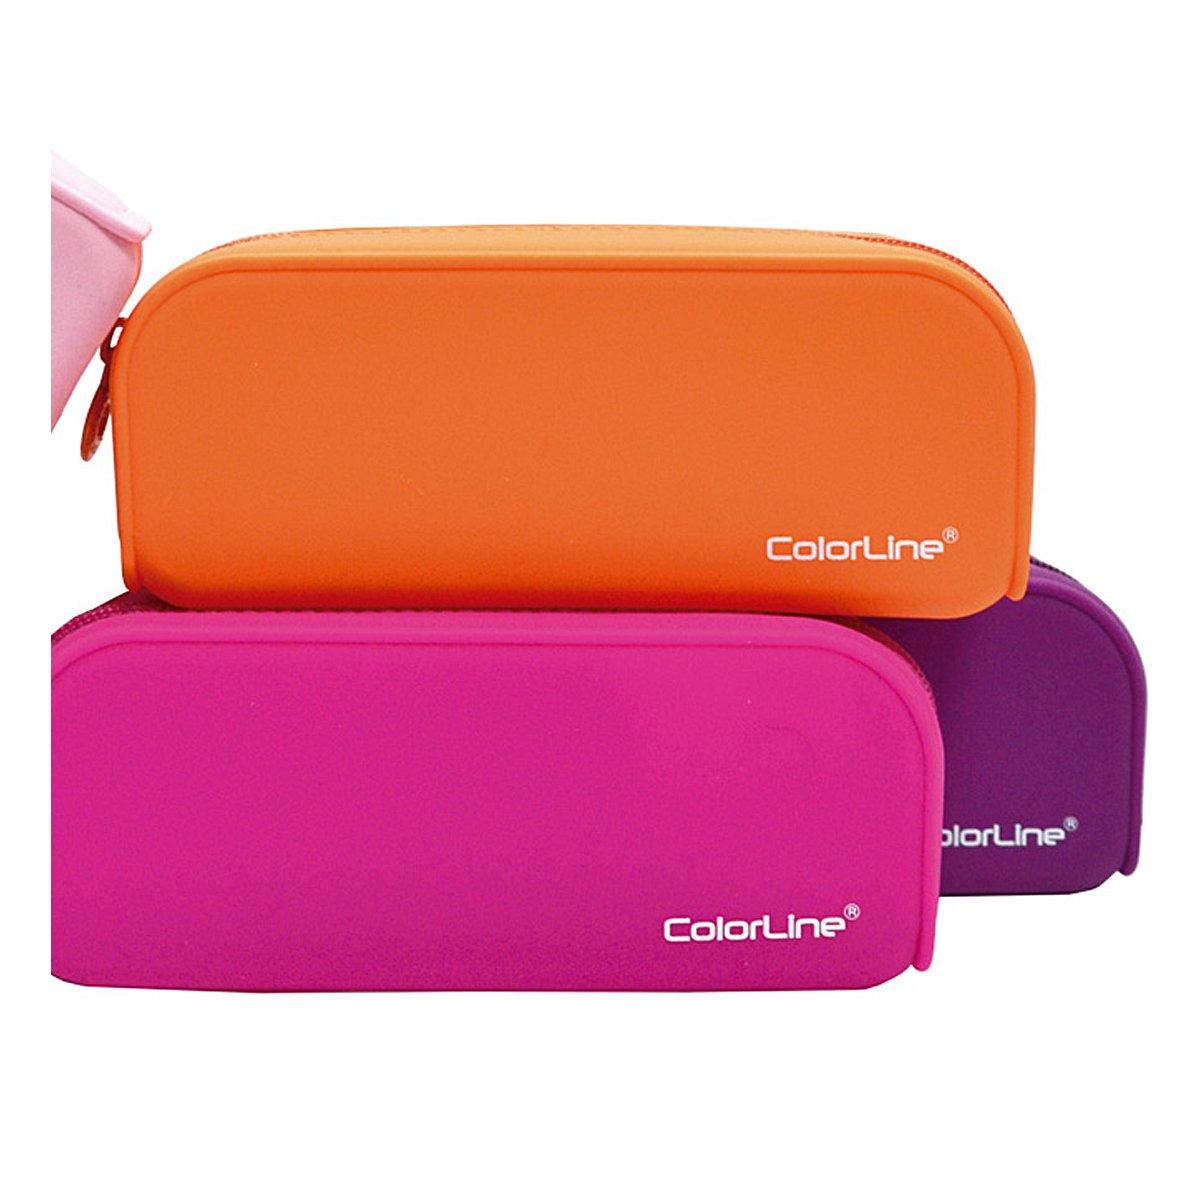 Colorline 58111 - Portatodo de Silicona con Tacto Ultra Soft de Alta Resistencia, Estuche Multiuso para Viaje, Material Escolar, Neceser y Accesorios. ...